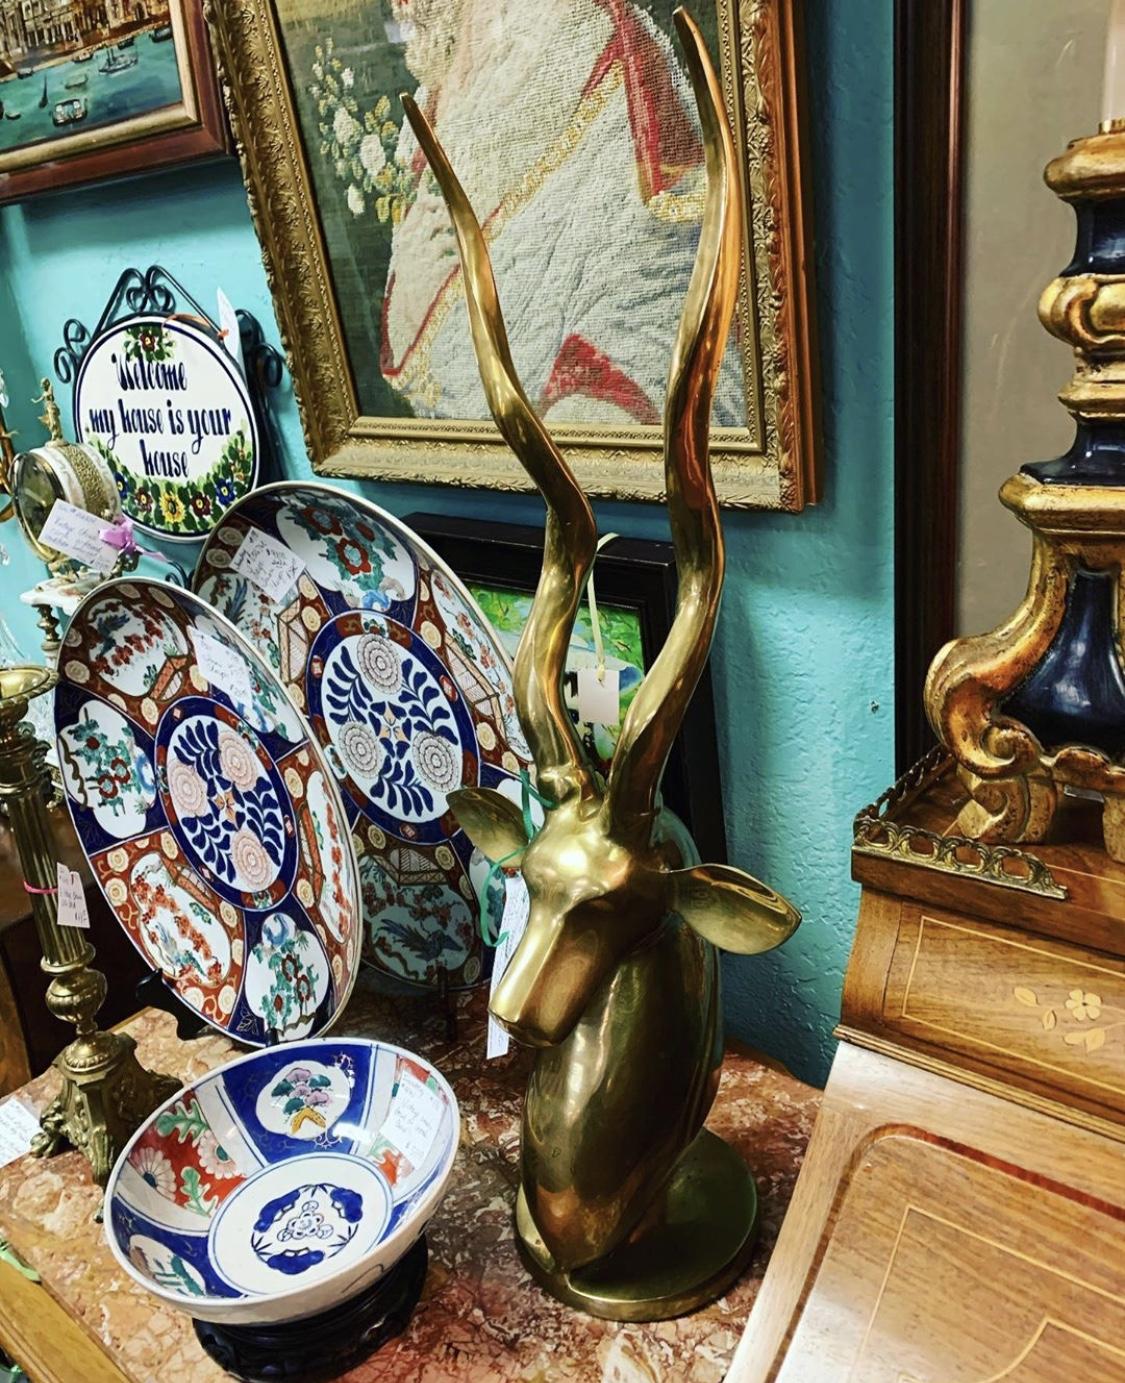 Phoenix AZ area business Antique Gatherings